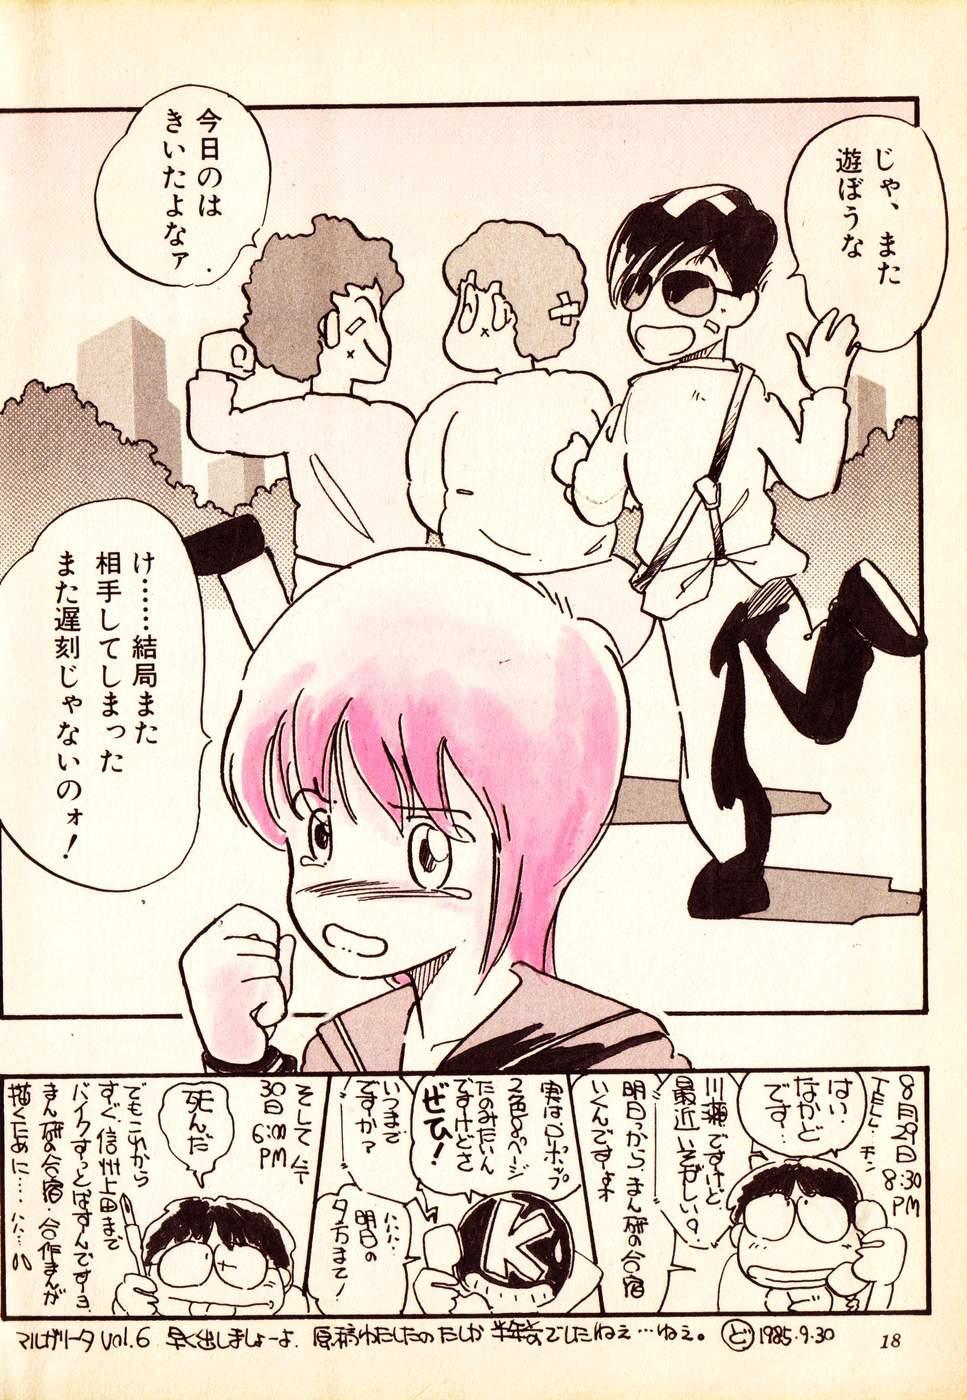 COMIC Lolipop 1985-10 Soukanjunbigou Aki 17